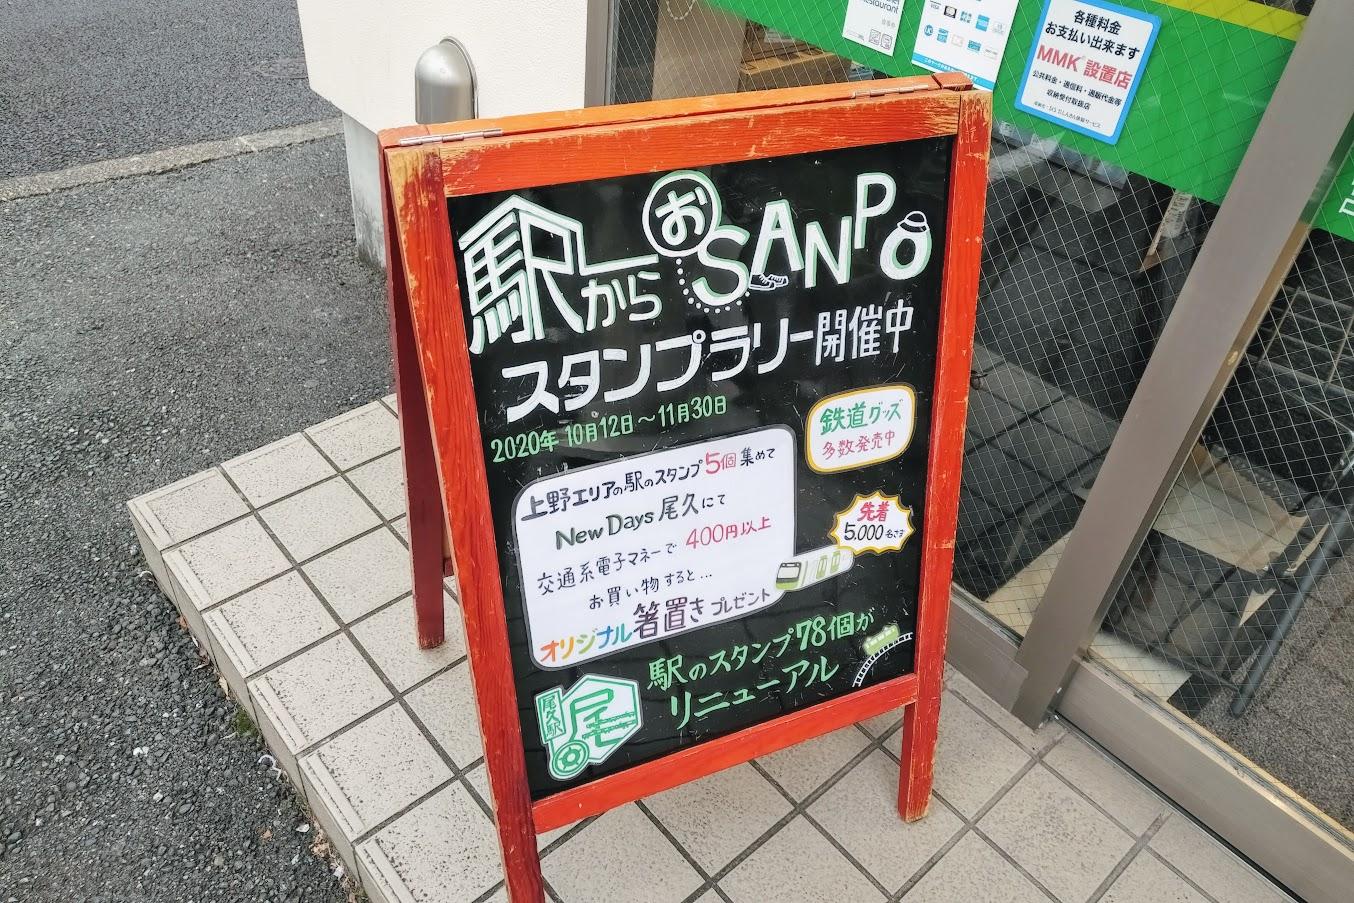 尾久駅スタンプラリー